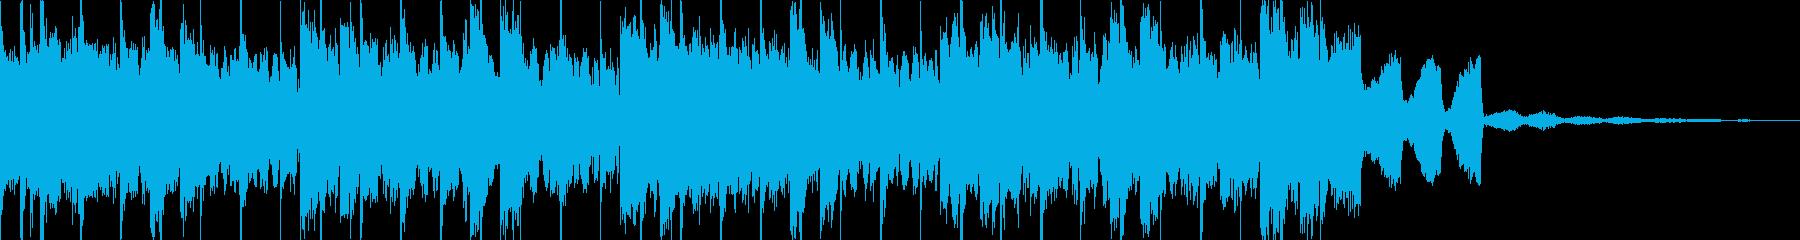 期待感のあるEDMジングルの再生済みの波形